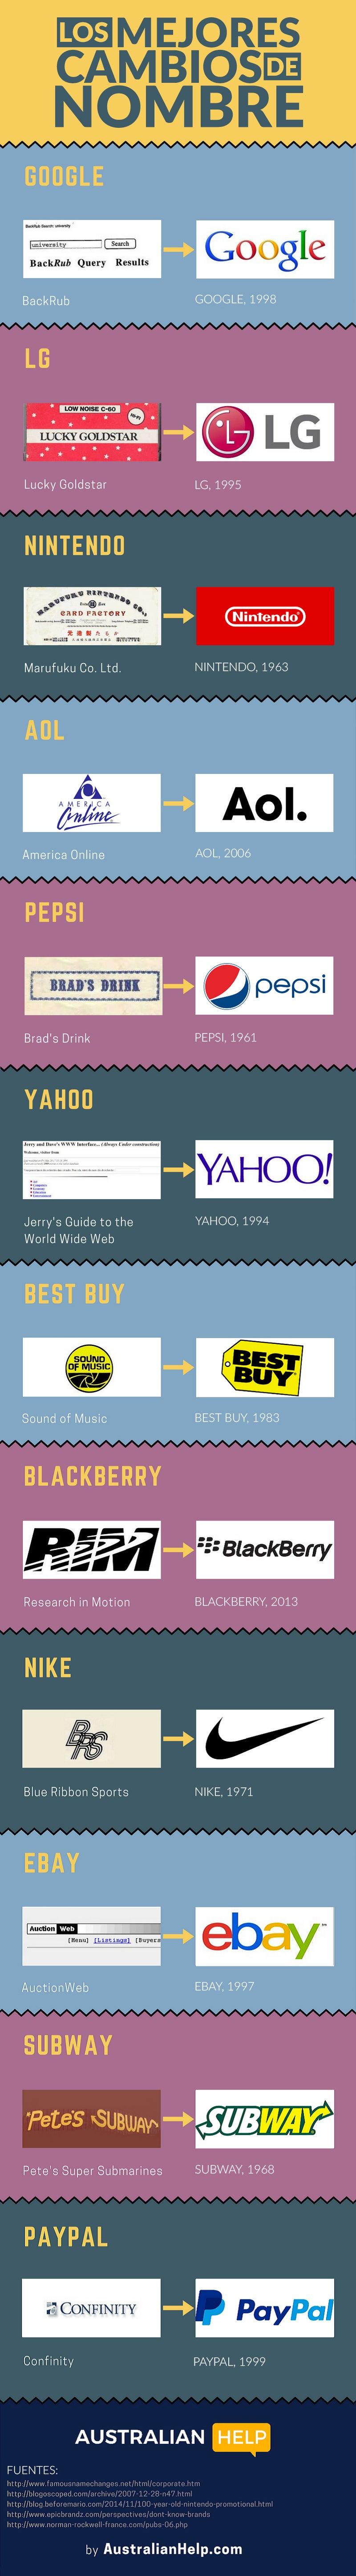 Infografía: Grandes empresas que cambiaron sus nombres